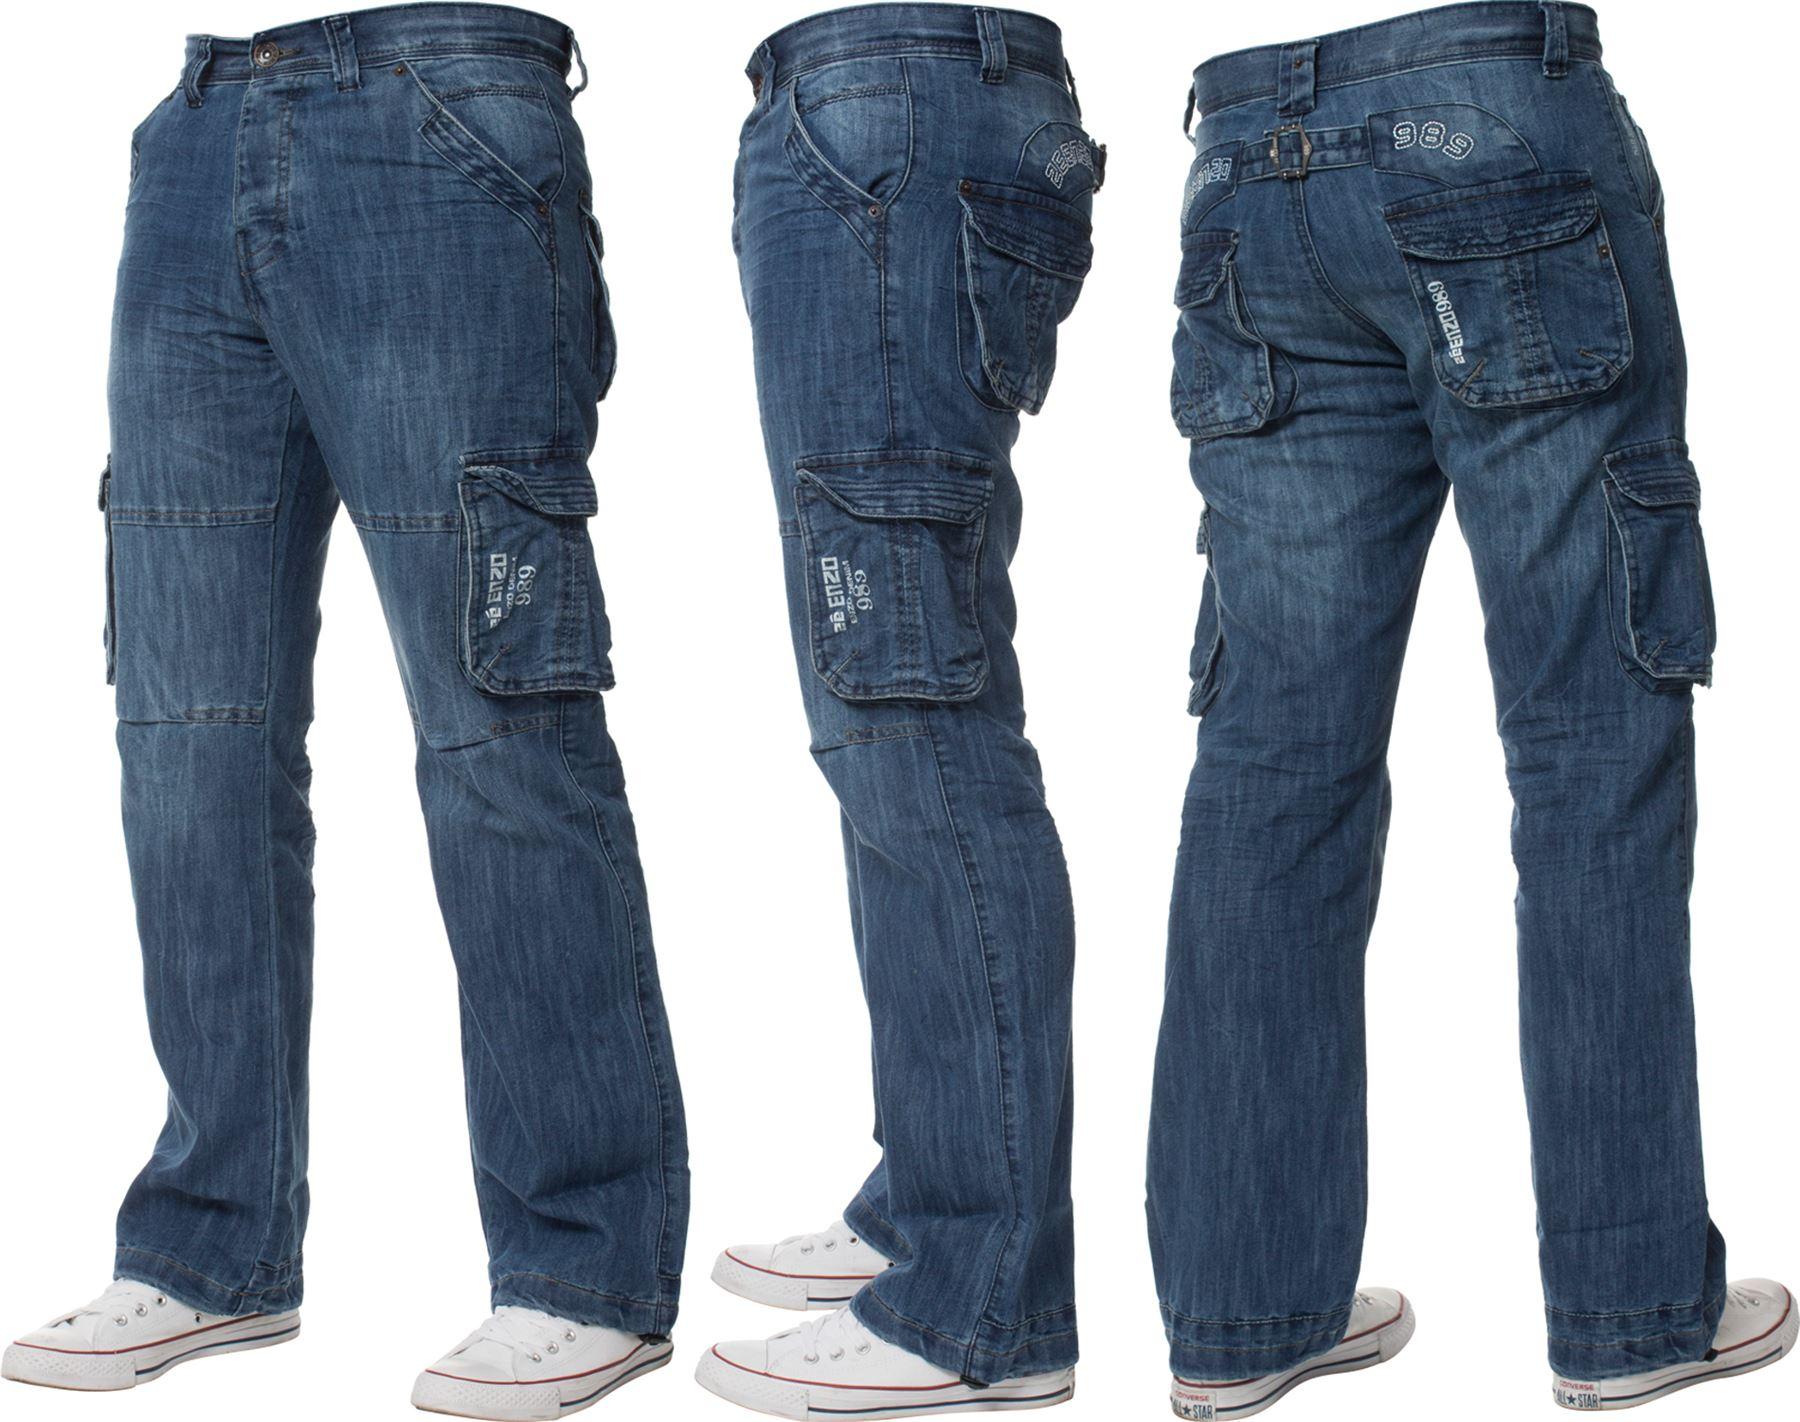 Nouveau-Homme-ENZO-Combat-Pantalon-Cargo-Jeans-Denim-Heavy-Duty-travail-occasionnel-pantalon